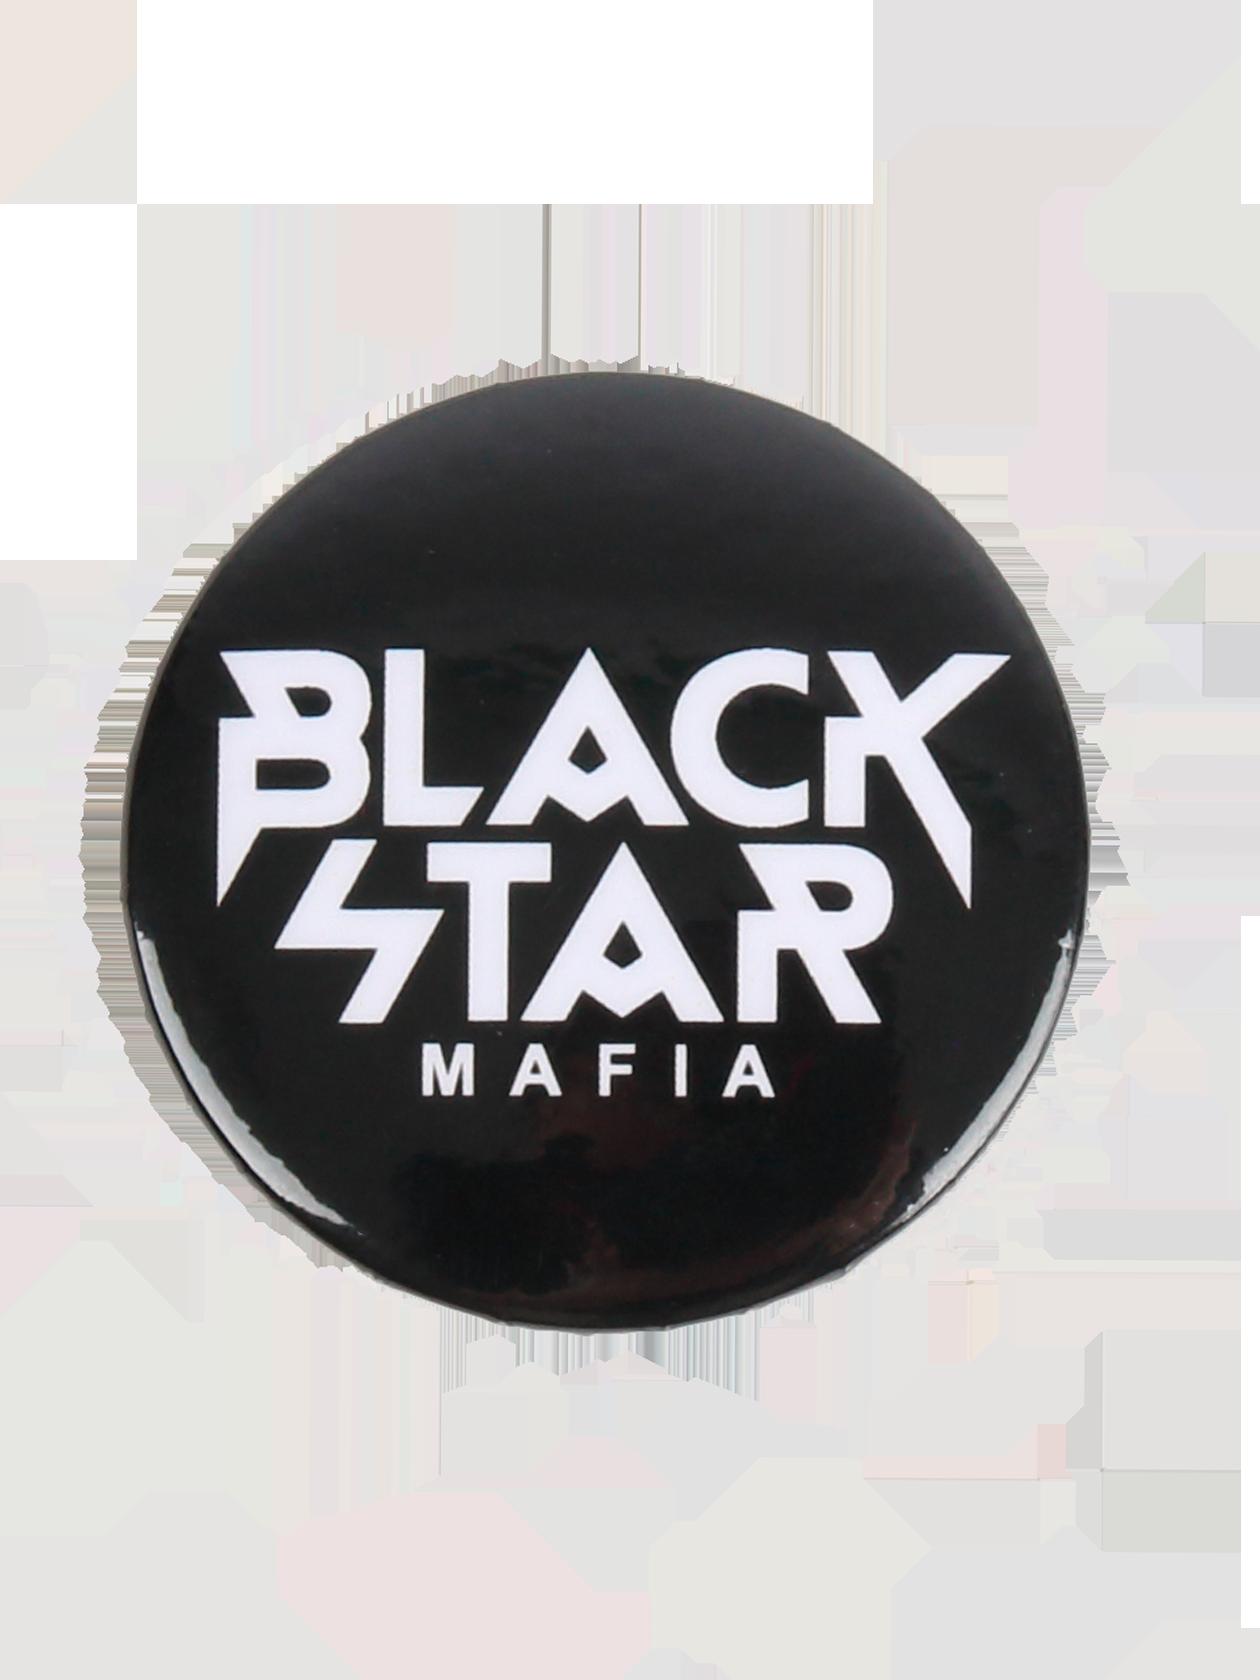 Значок BLACK STAR MAFIAФирменный значок Black Star Mafia. Диаметр 38мм. Застёжка - английская булавка, которая позволяет закрепить аксессуар на сумке, рюкзаке или одежде. Значки отлично сочетаются между собой - комбинируй их, чтобы найти своё уникальное сочетание, ведь стиль в деталях!<br><br>Размер: Единый размер<br>Цвет: Черный<br>Пол: Унисекс